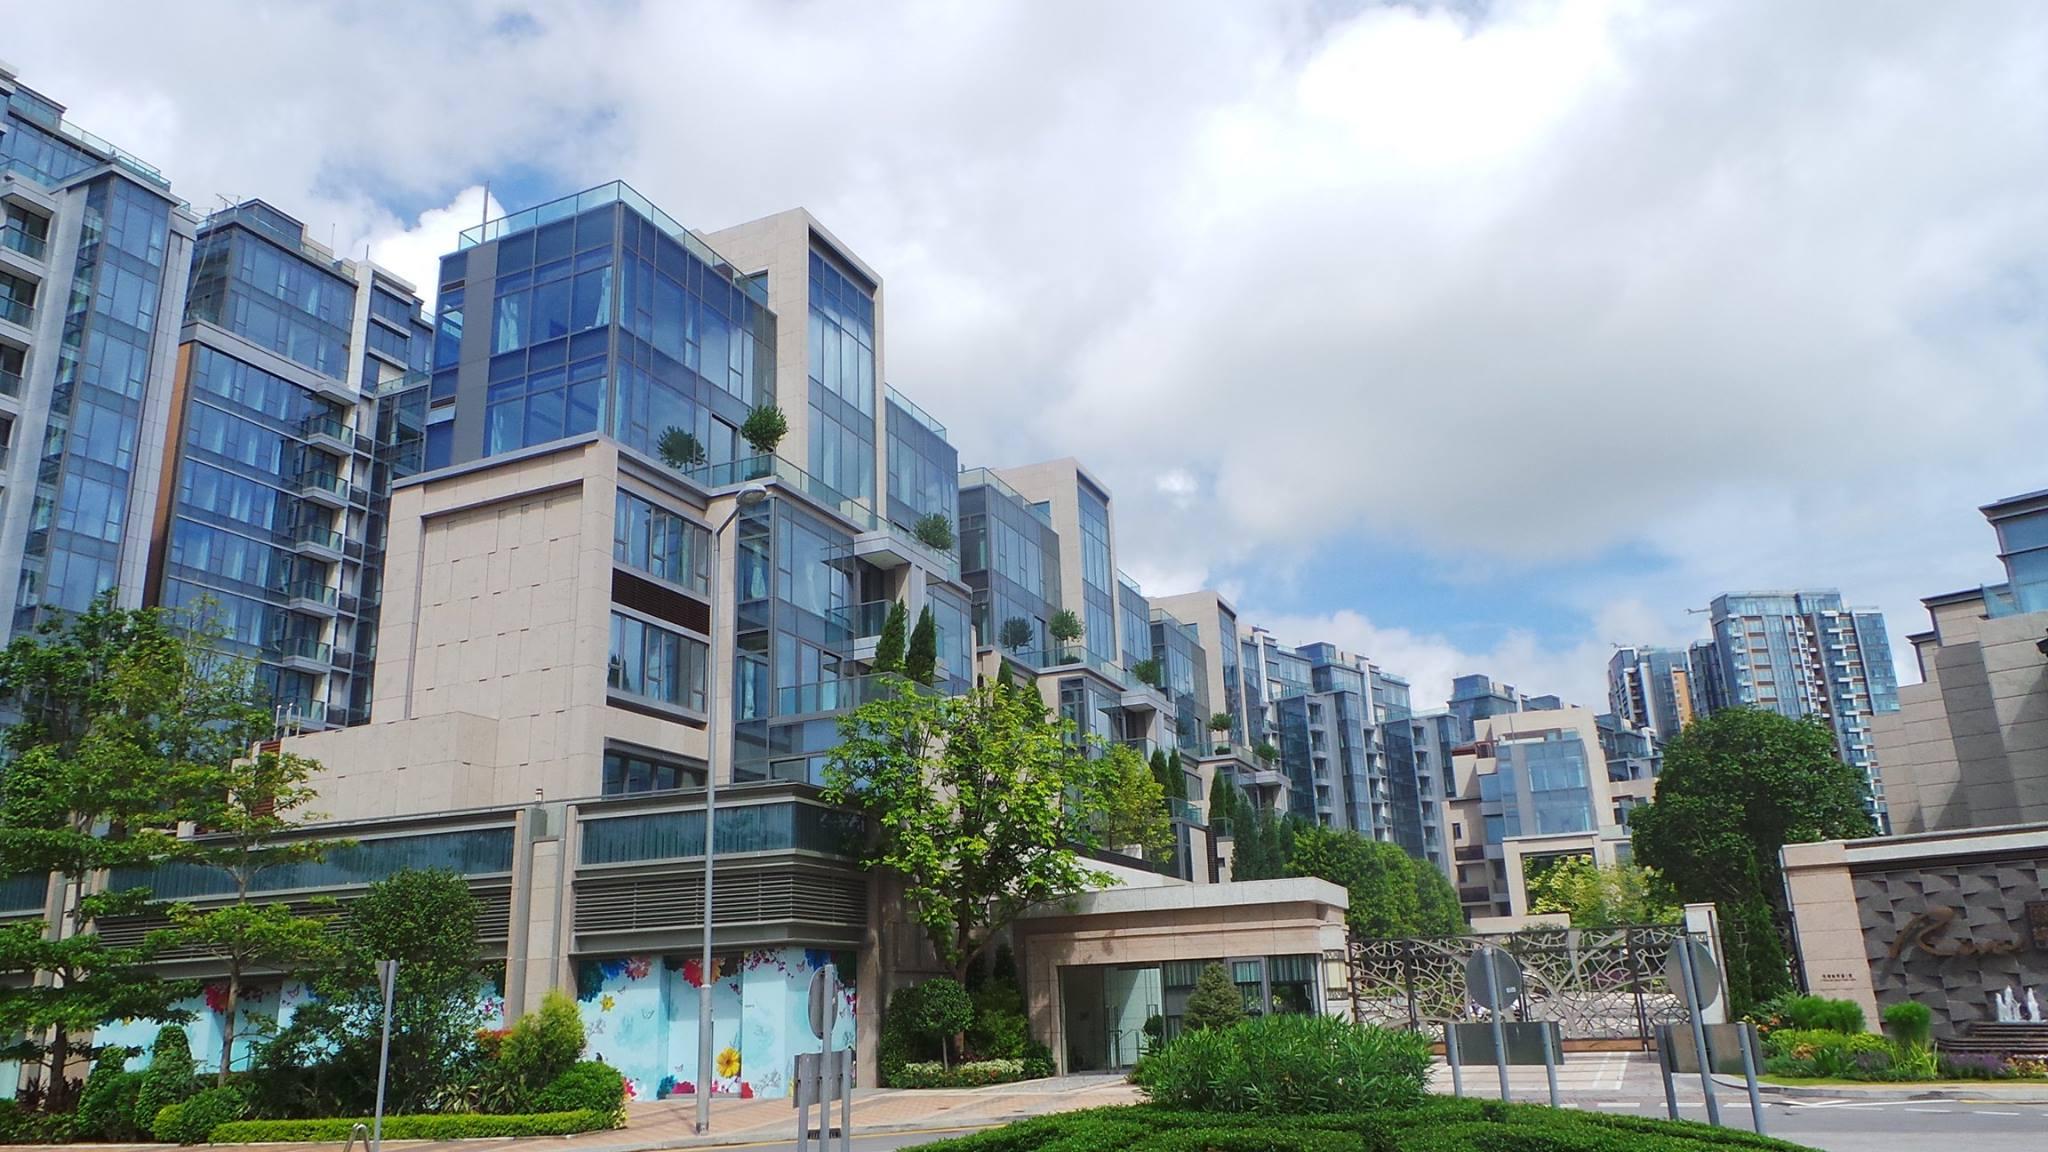 新鴻基 主打高檔次客戶的大型低密度臨河住宅項目 3房 呎價@12xxx 100%真盤源 約睇